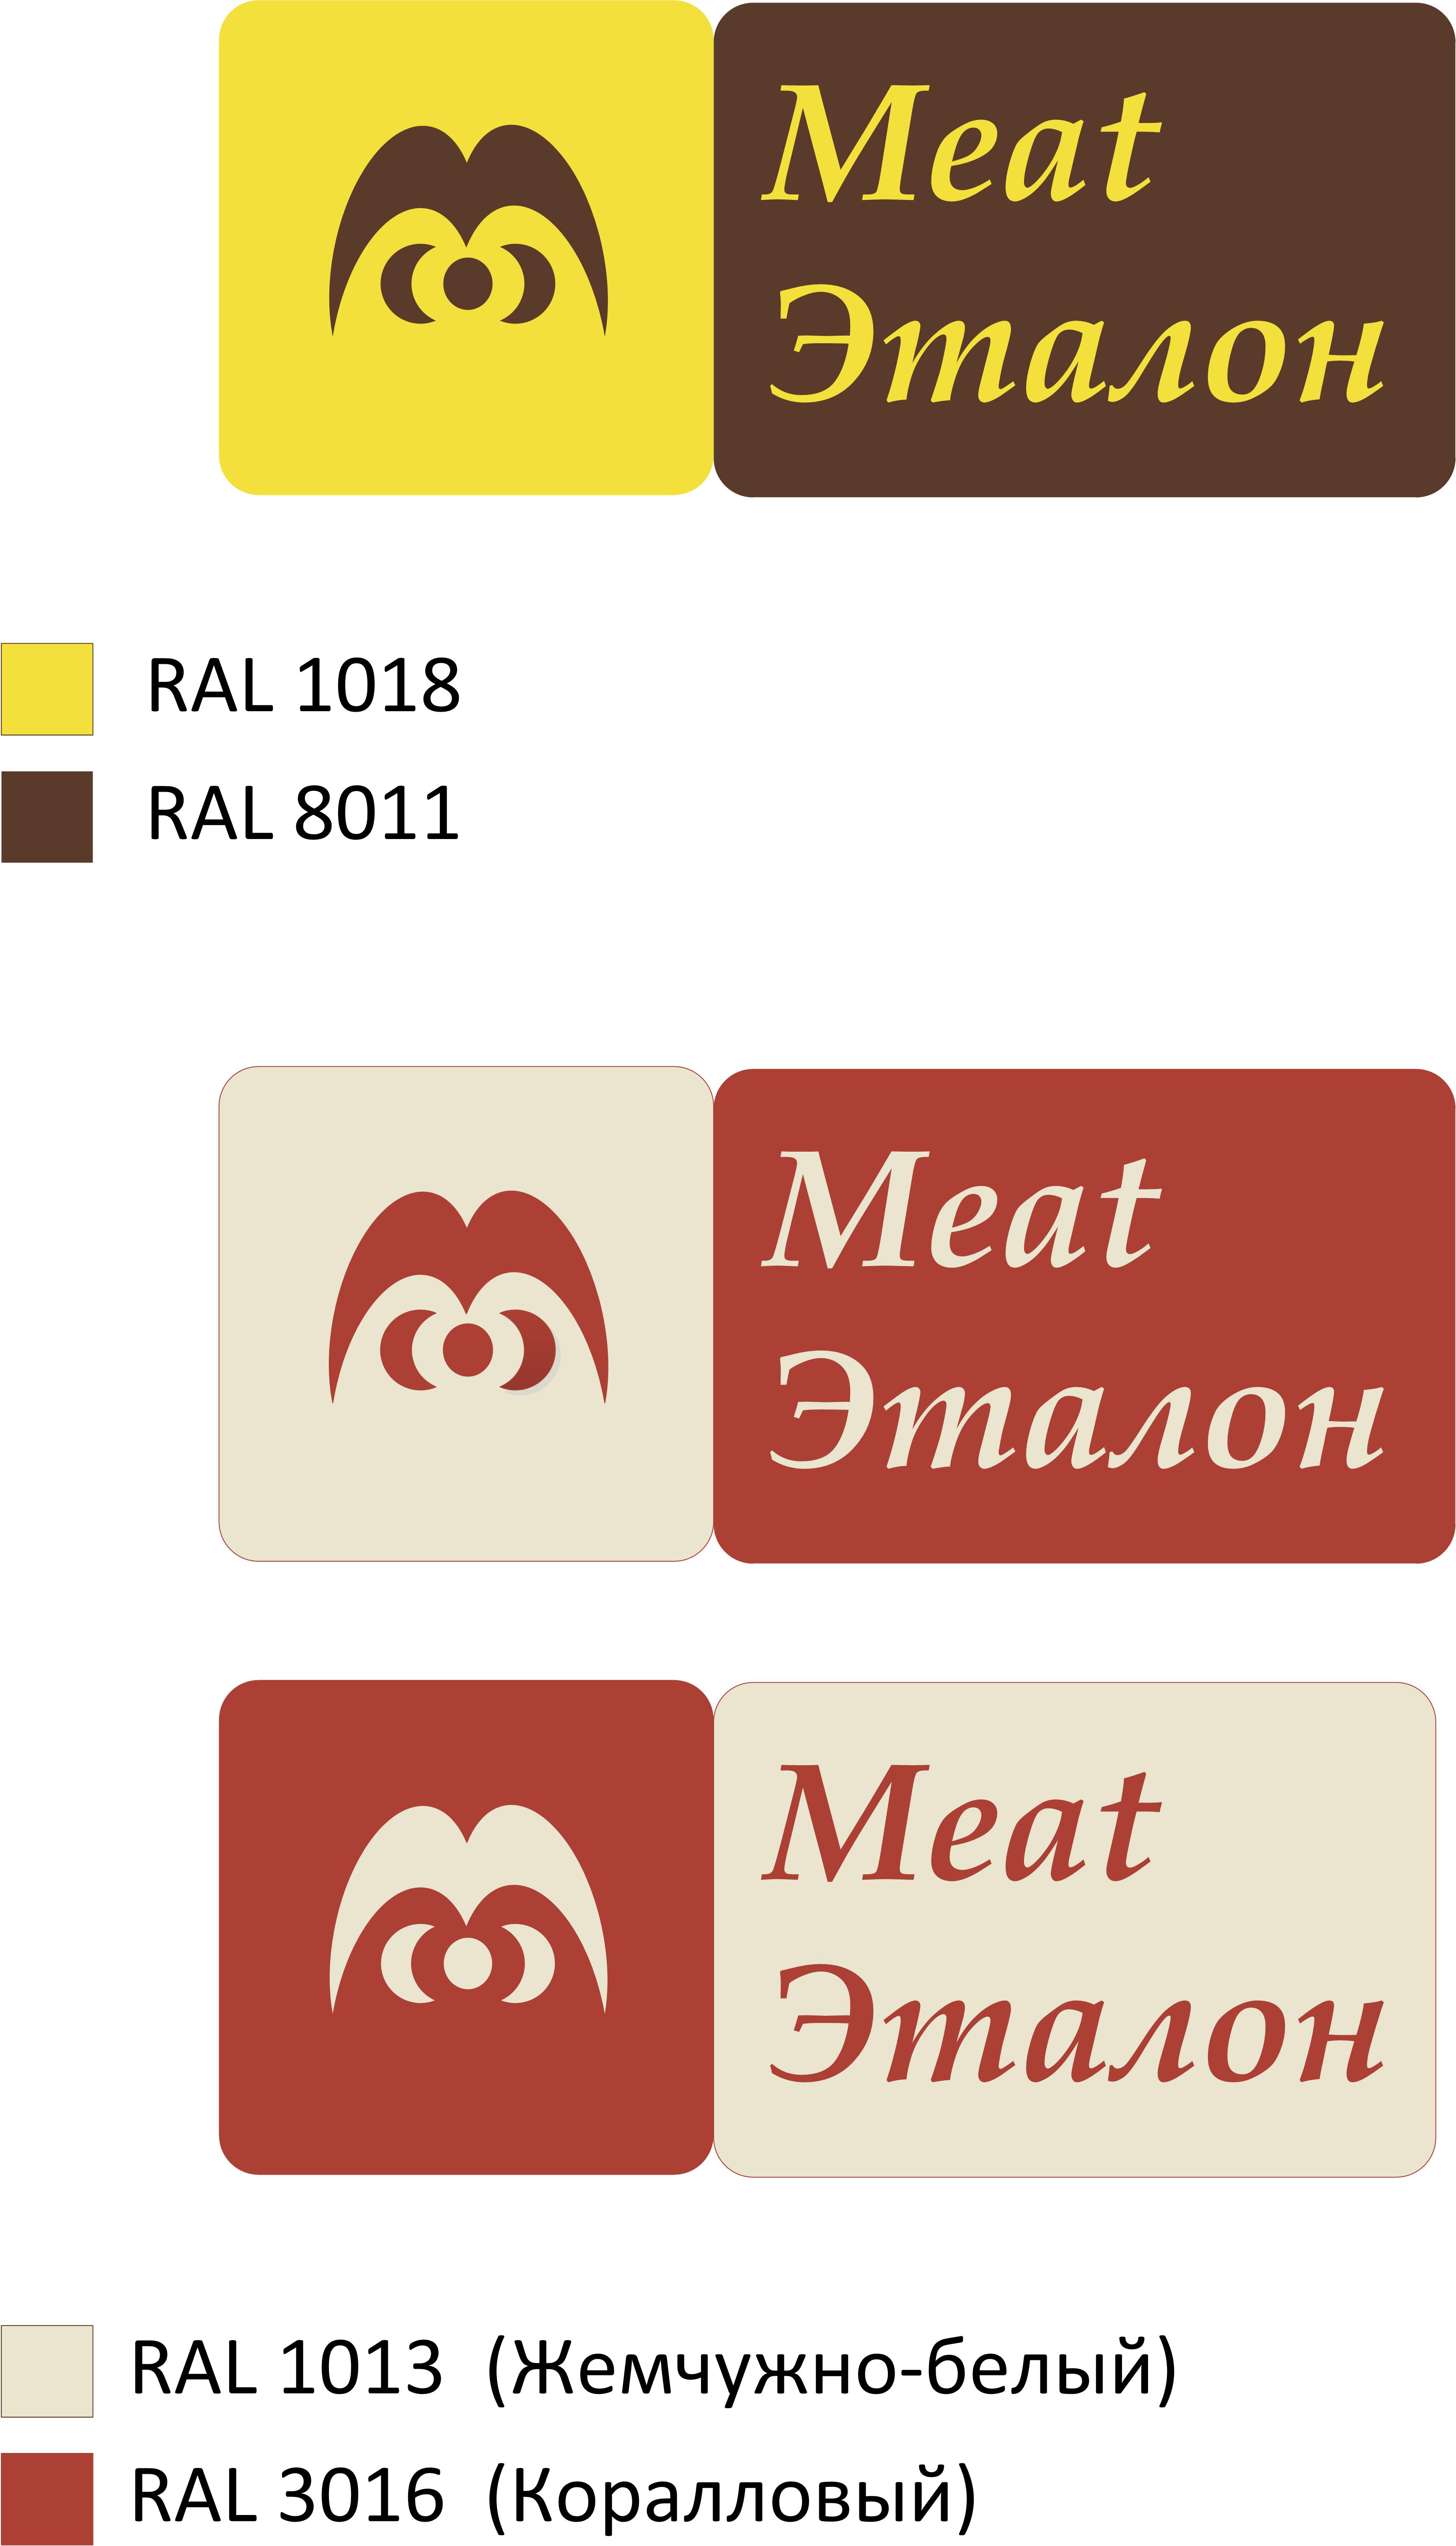 Логотип компании «Meat эталон» фото f_43656fc968a8ce7e.png